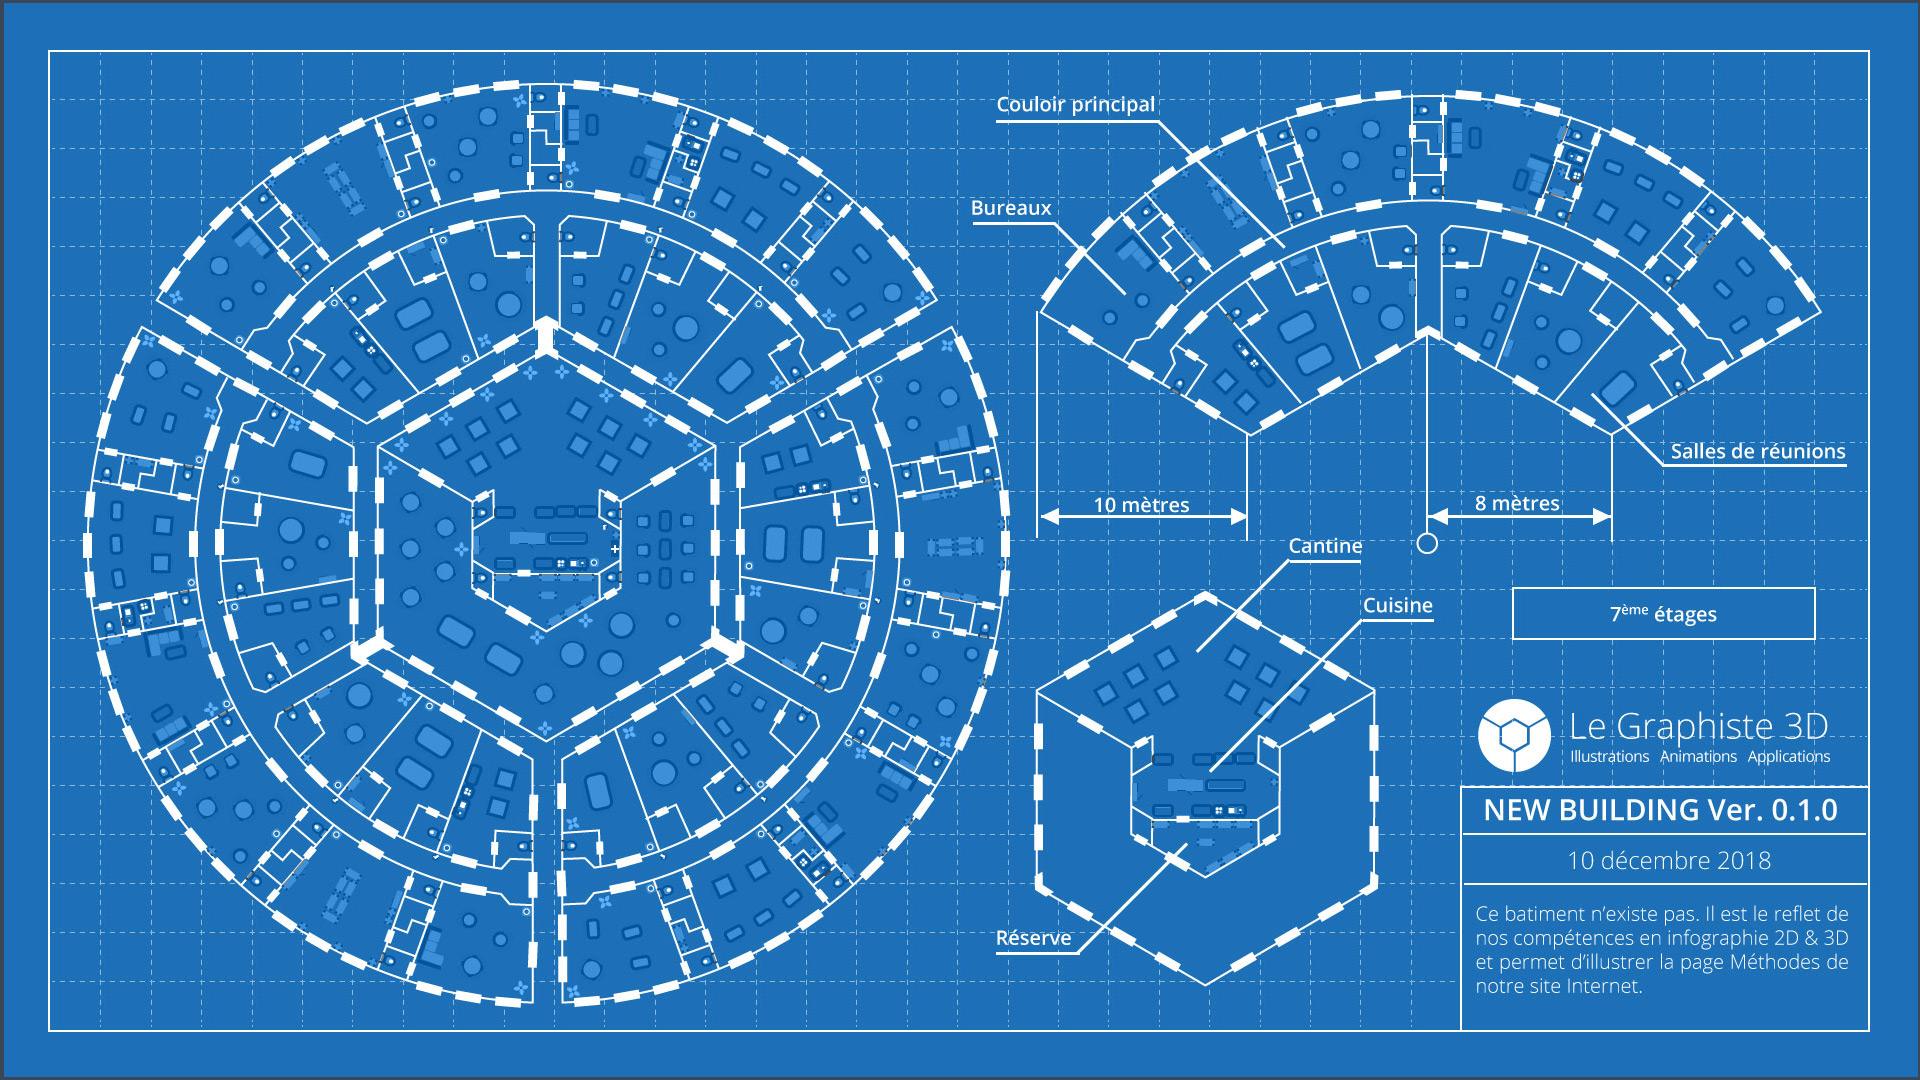 Méthode - Conception - Blueprint - Le Graphiste 3D